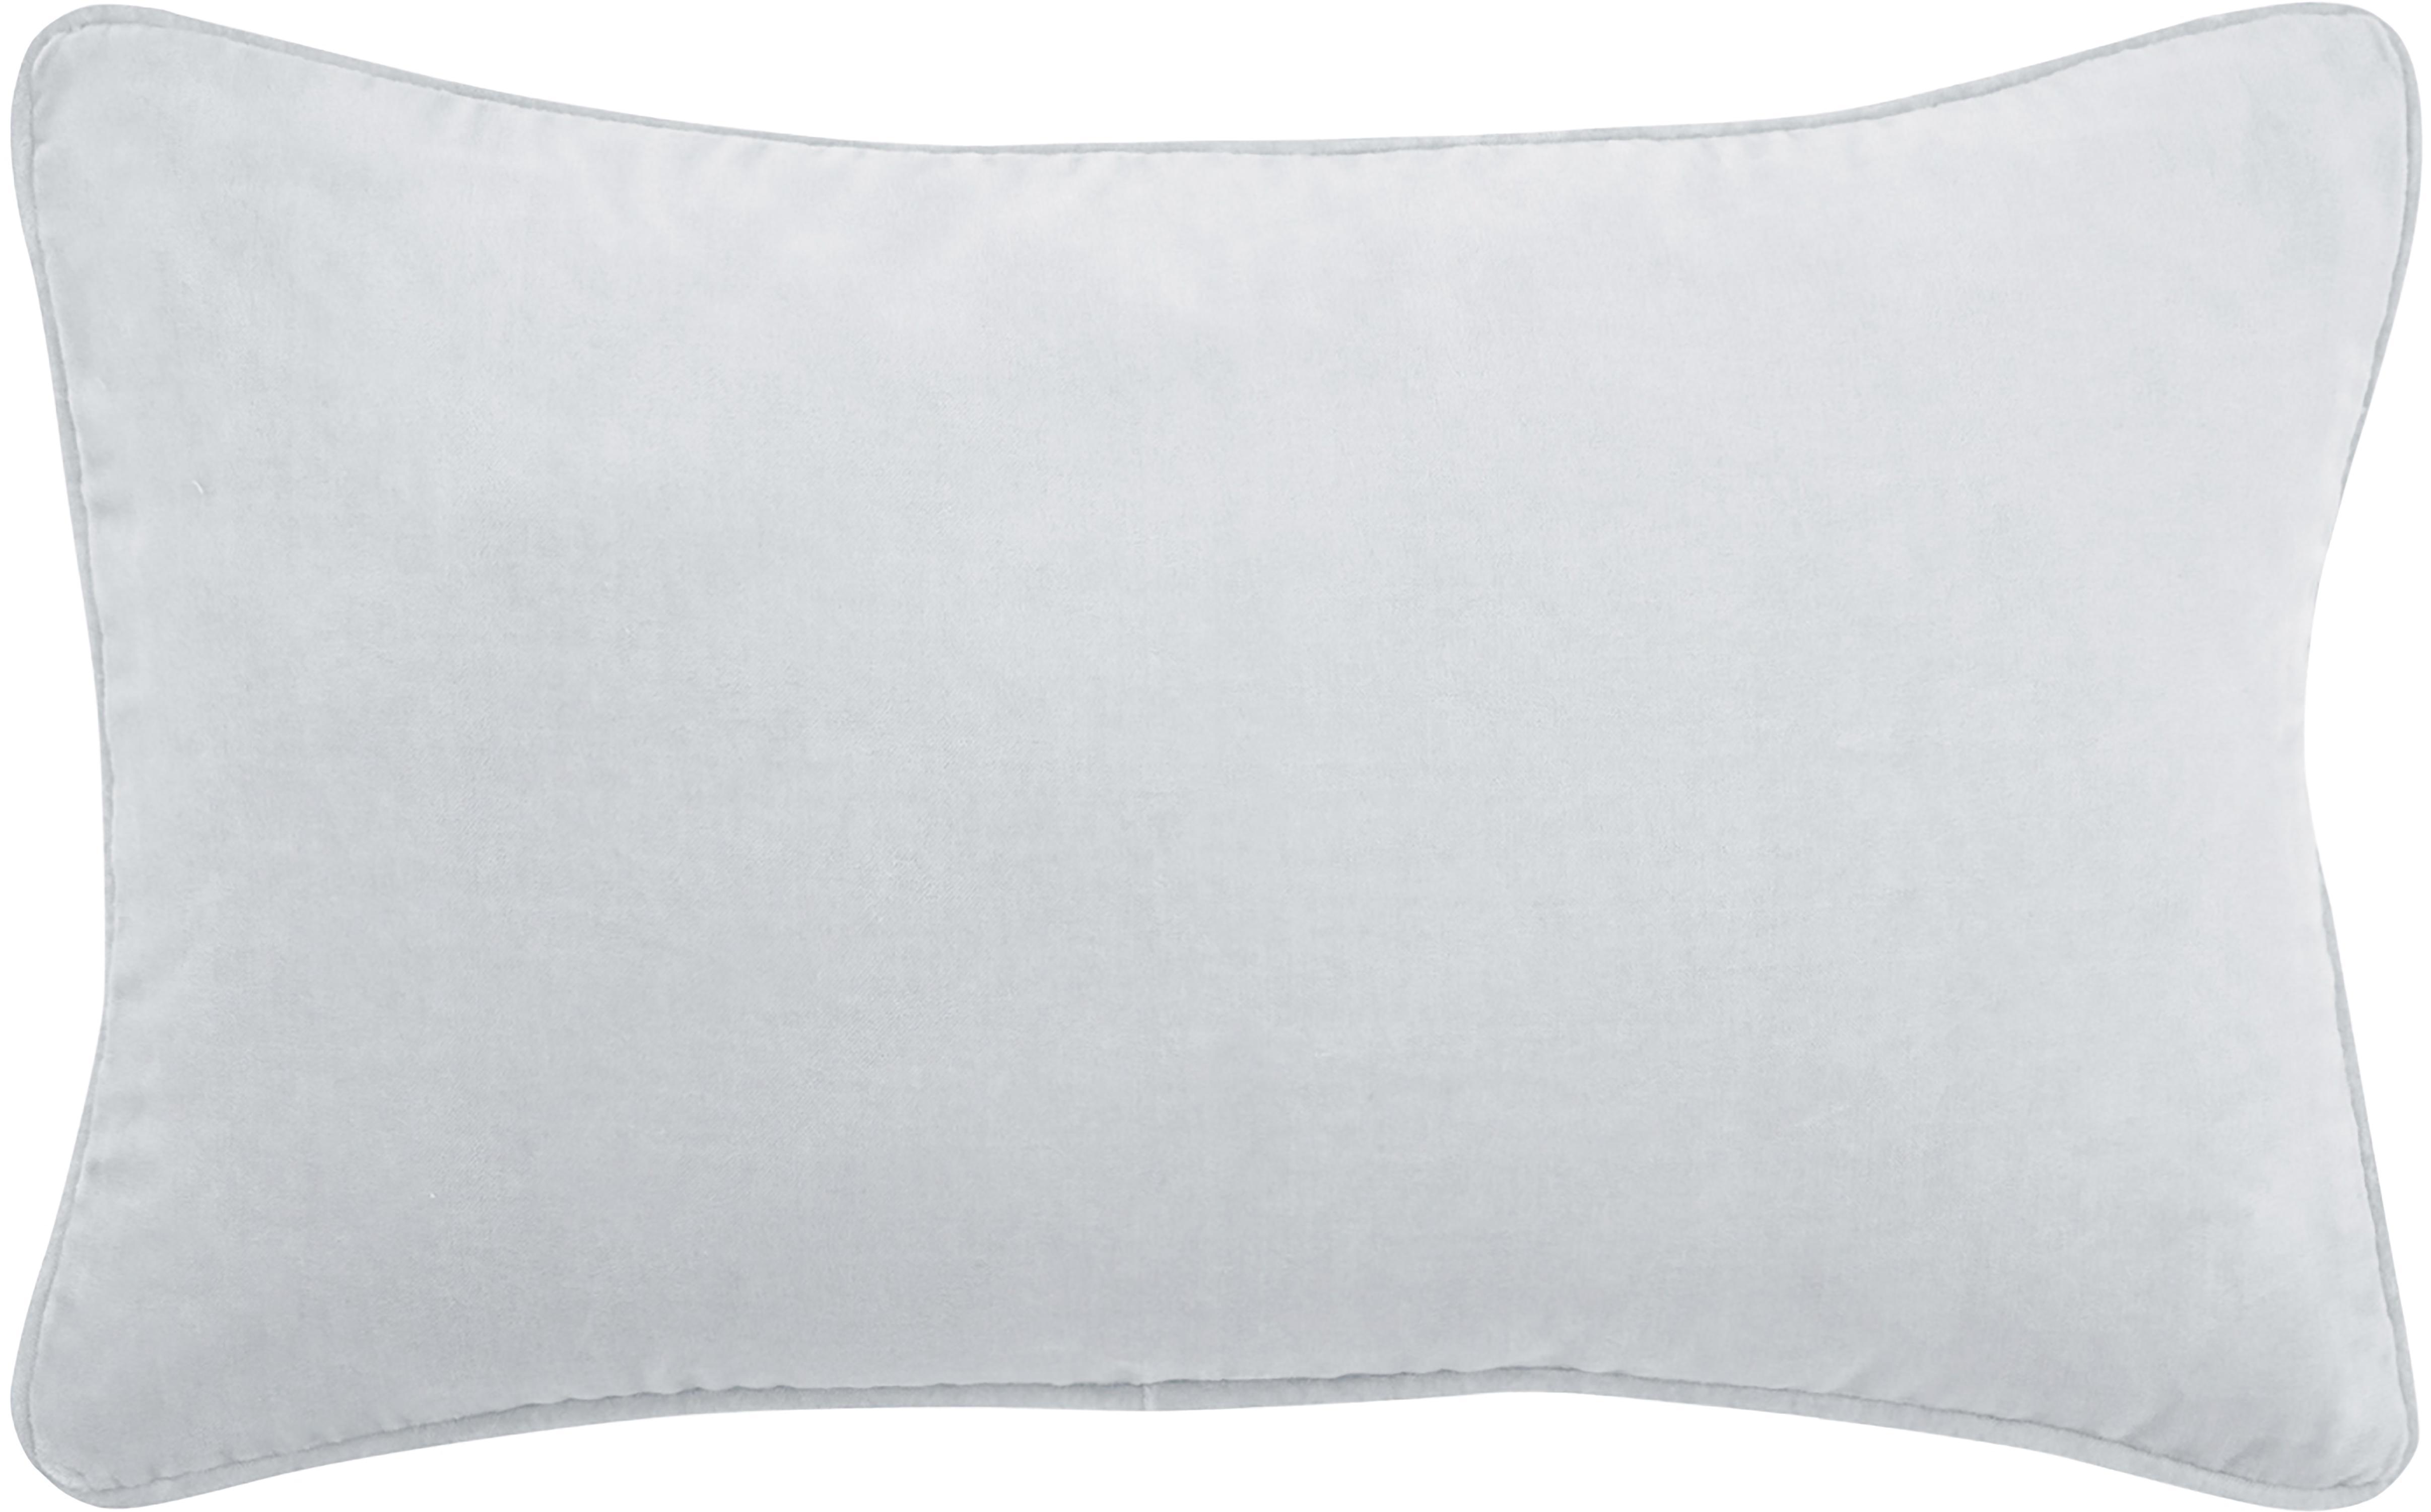 Funda de cojín de terciopelo Dana, Terciopelo de algodón, Gris claro, An 30 x L 50 cm